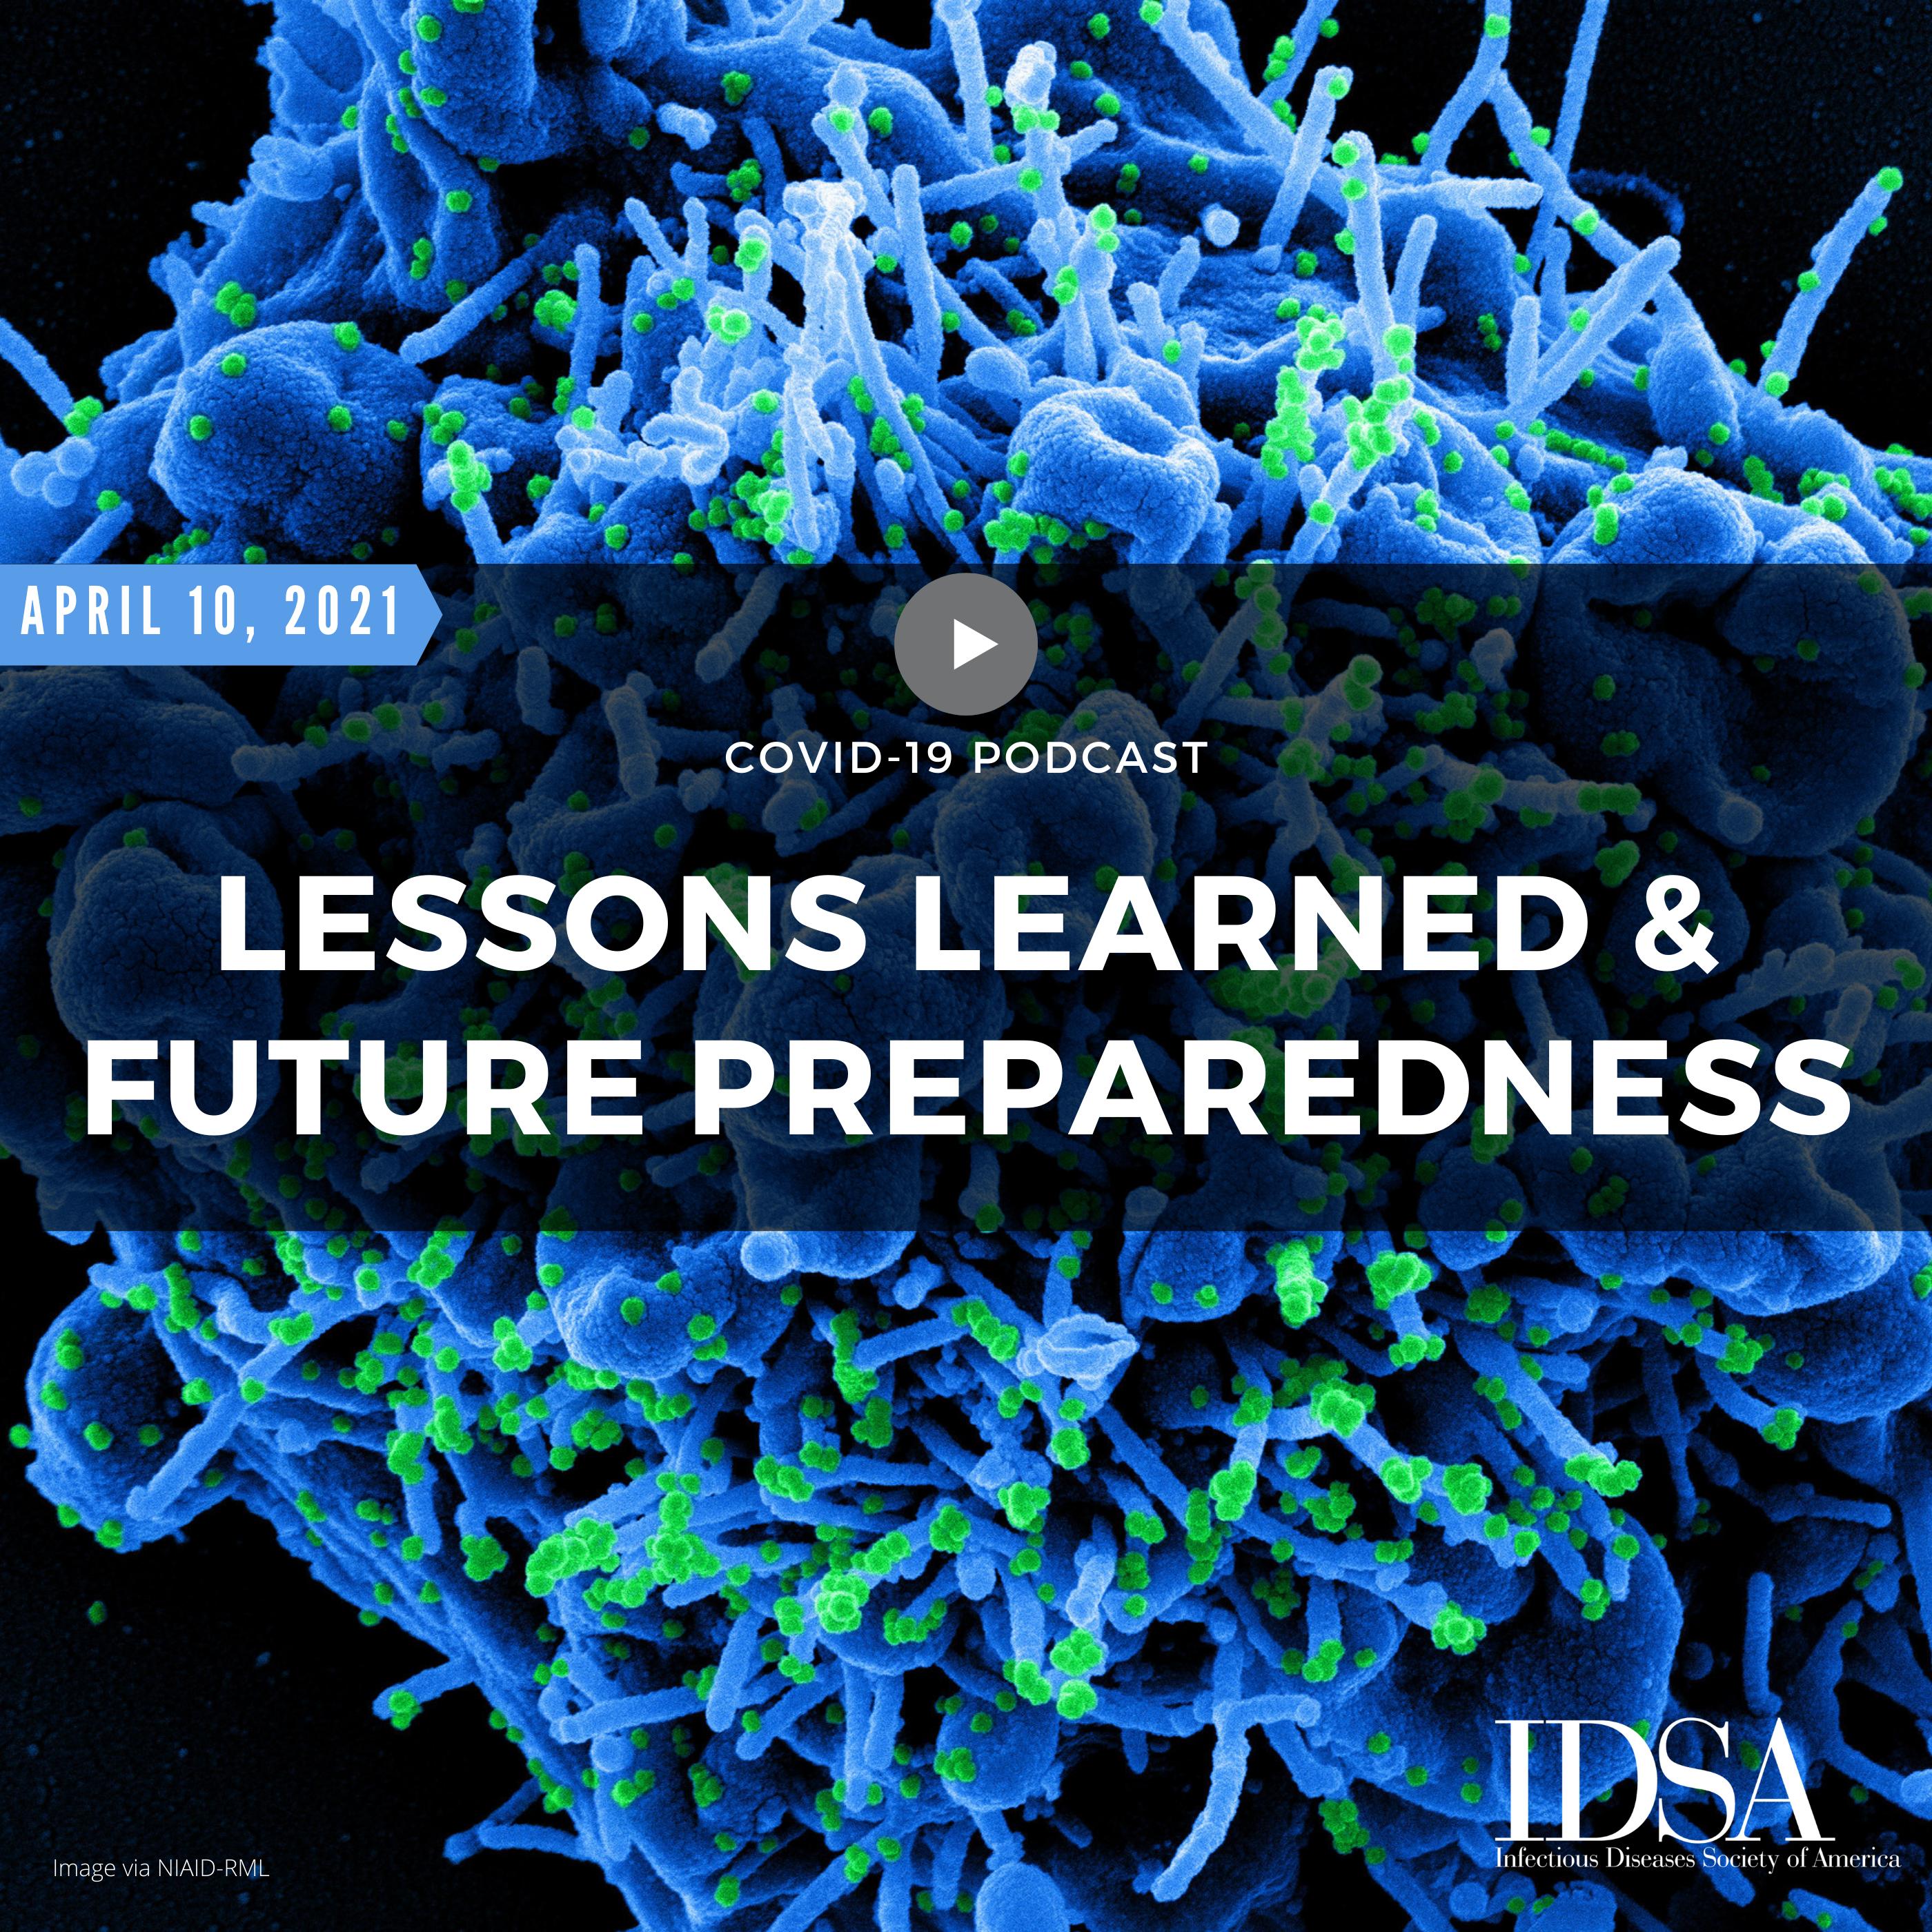 COVID-19: Lessons Learned & Future Preparedness (April 10, 2021)